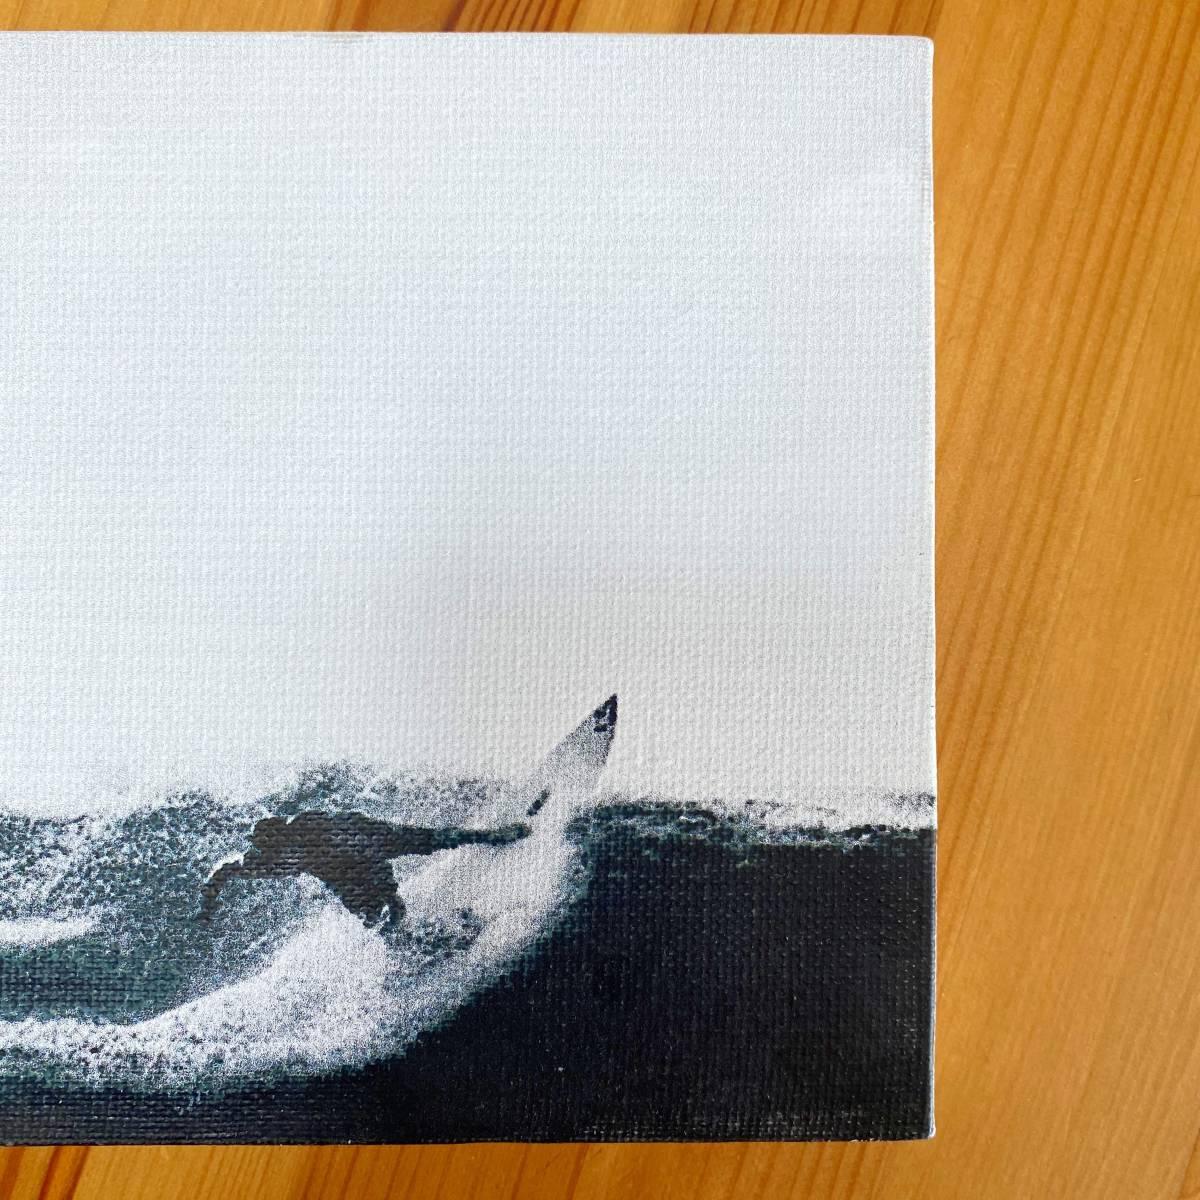 【新品】④ キャンバスアート ファブリックパネル アート 壁掛け サーフ ディスプレイ 海 Sea サーフィン HOME 11/2